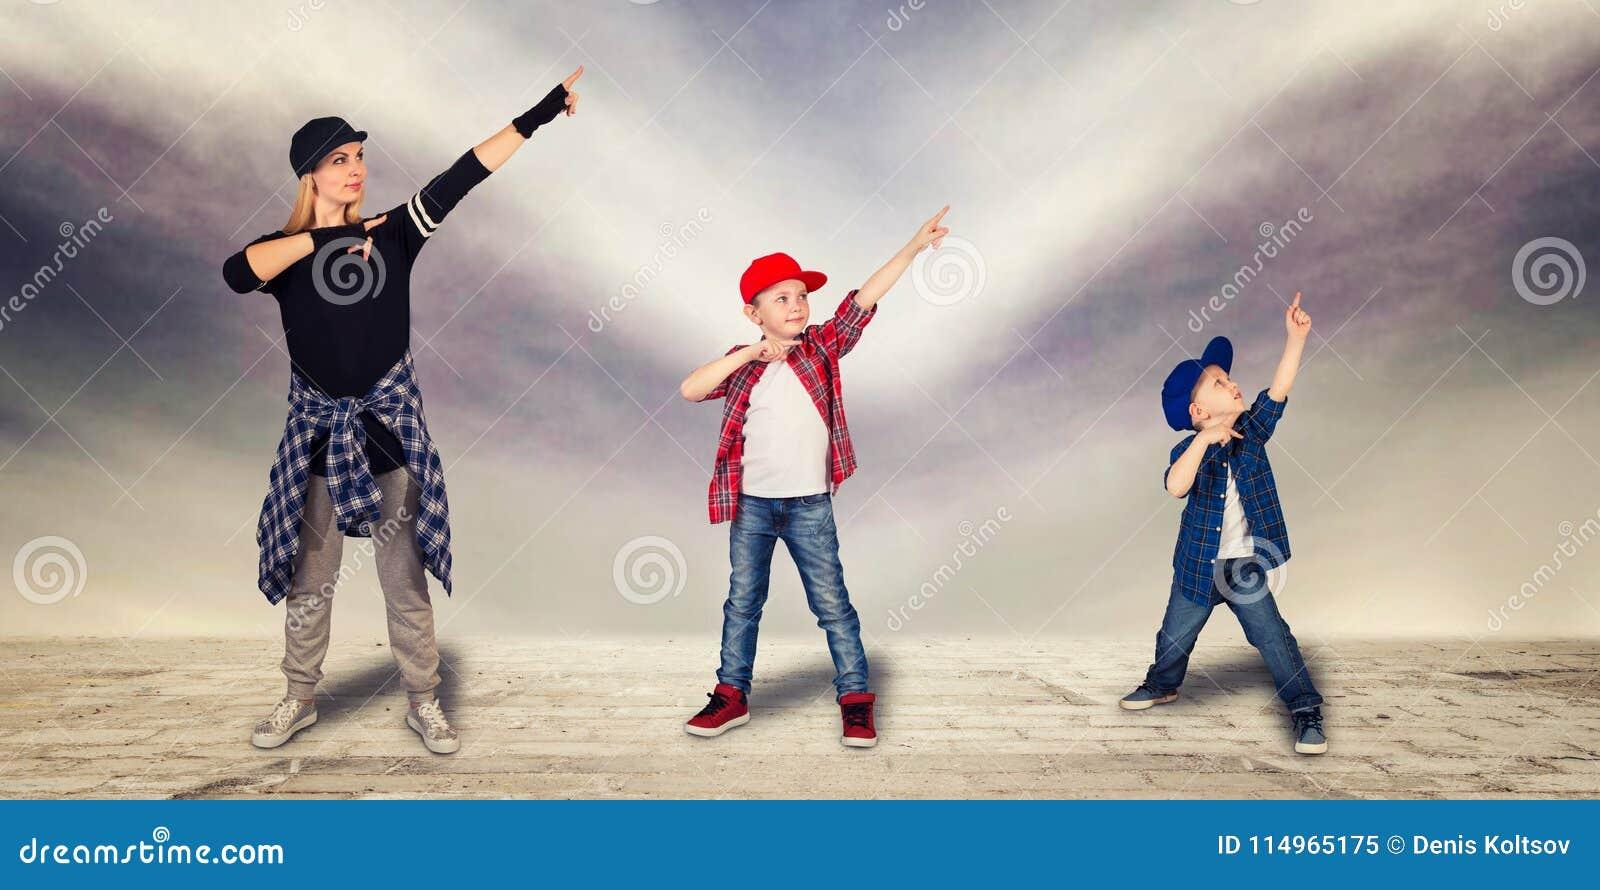 Бедр-хмель танца матери и 2 сынов уклад жизни урбанский поколение Бедр-хмеля